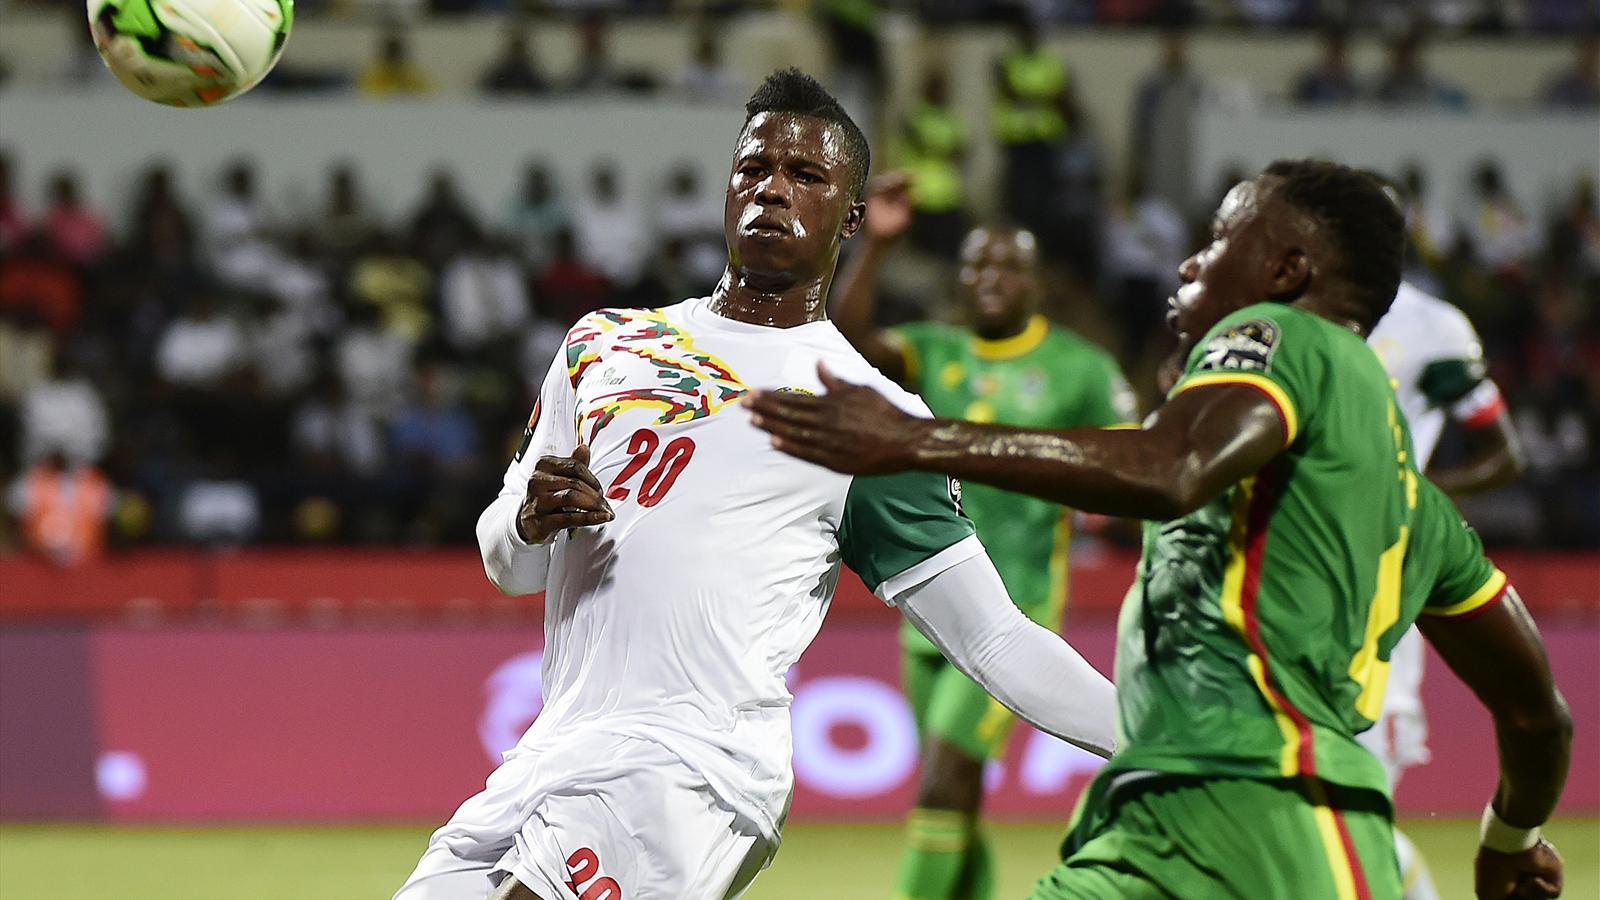 En direct live s n gal zimbabwe coupe d 39 afrique des nations 19 janvier 2017 eurosport - Resultat foot coupe d afrique ...